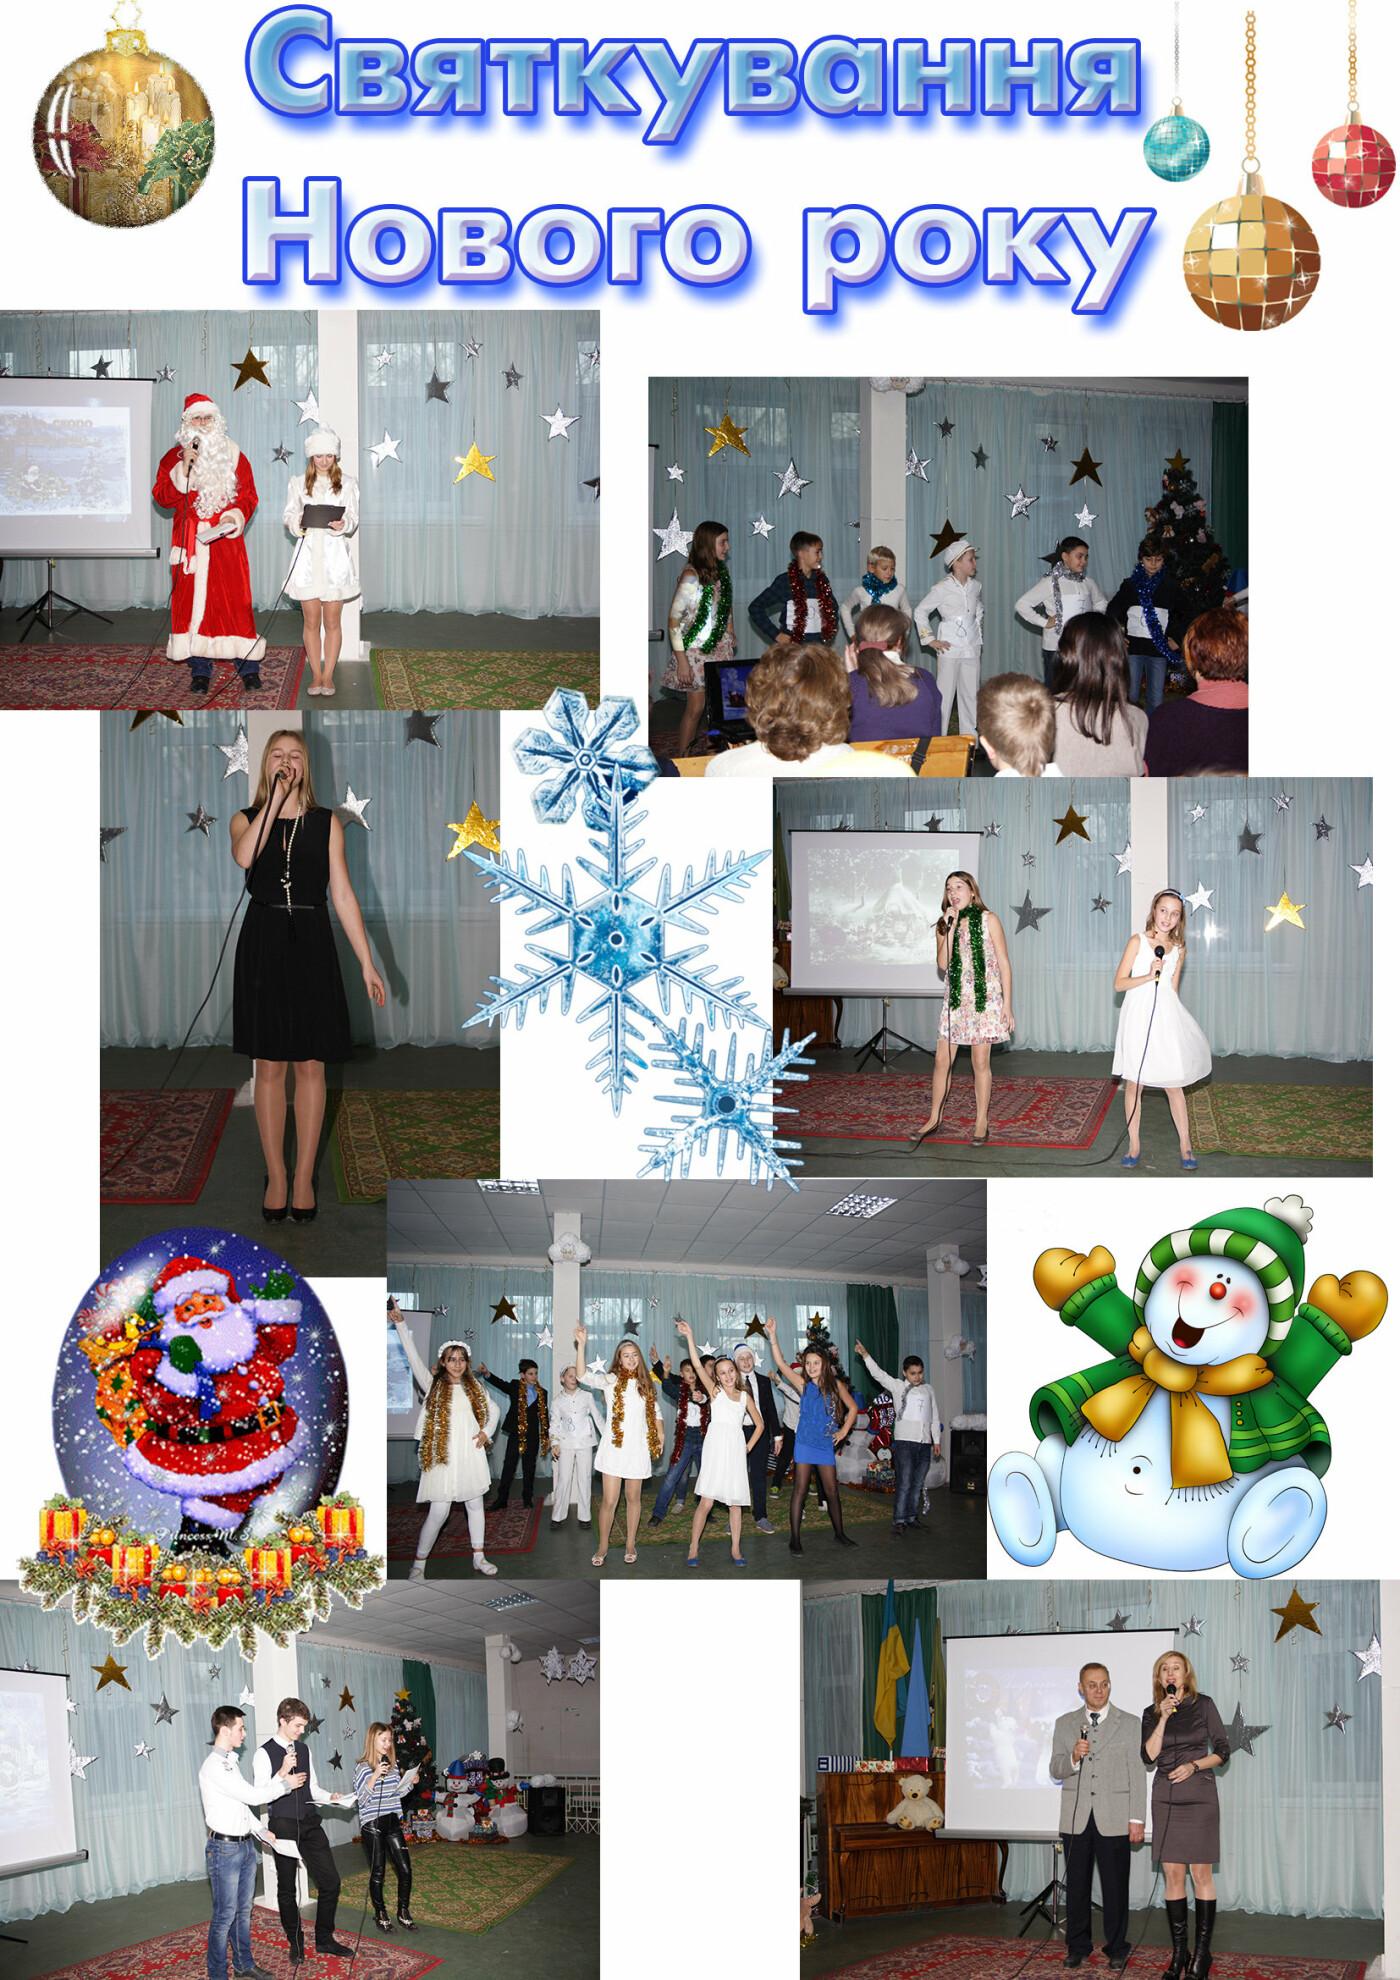 Частные детские сады в Харькове и частные школы в Харькове, фото-58